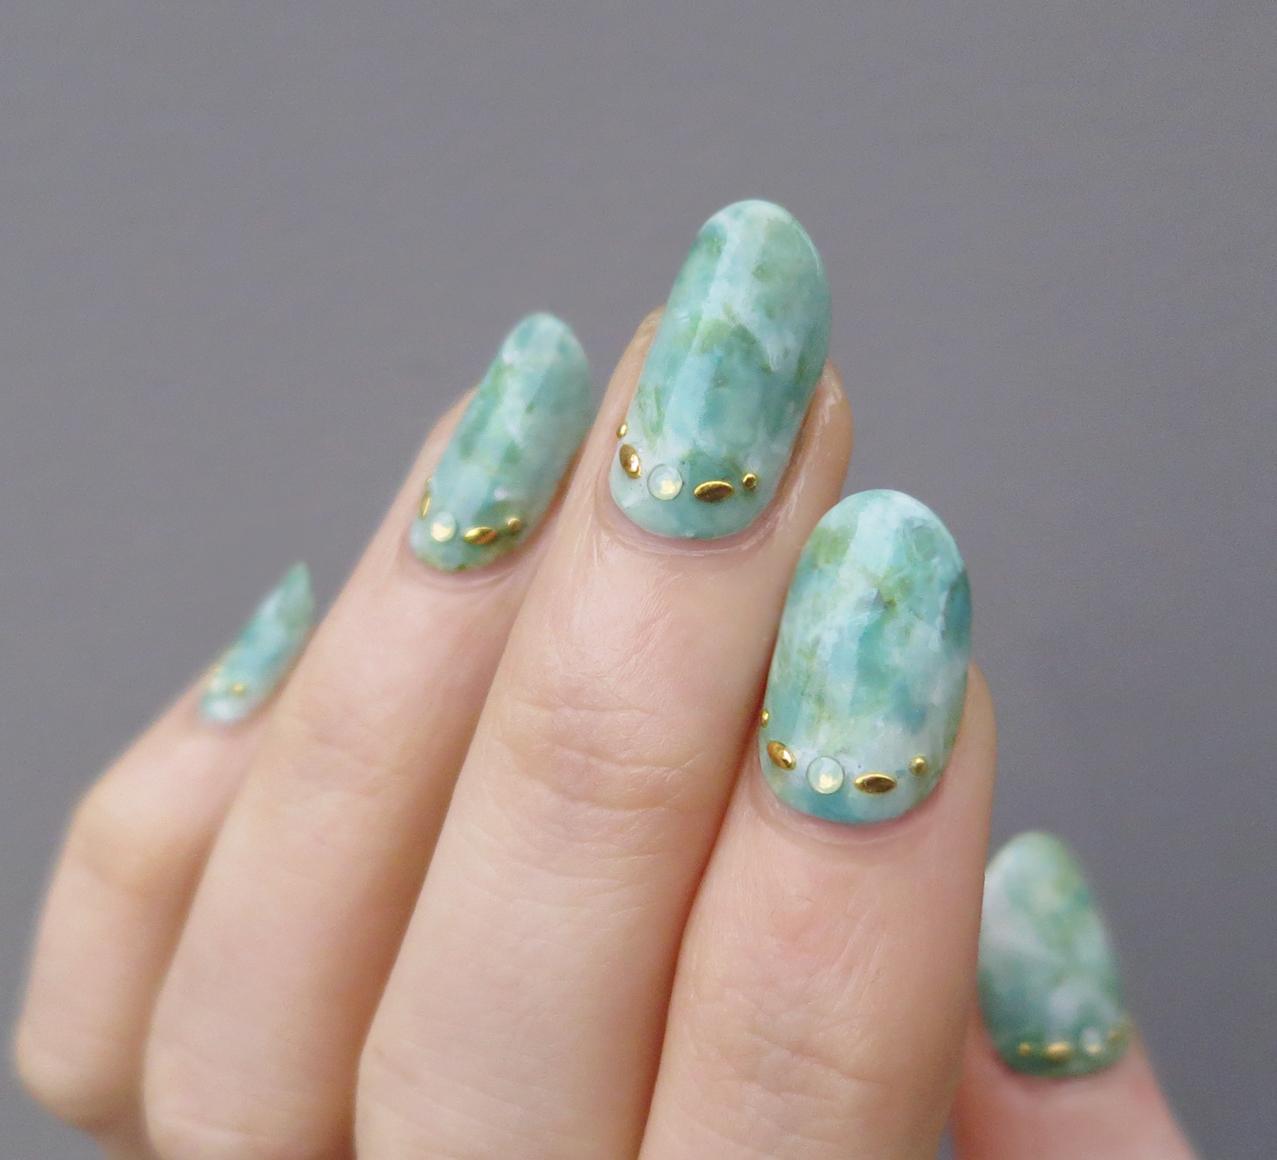 mramornyj-manikyur_4 Мраморный маникюр: топ-8 стильных идей дизайна для ногтей